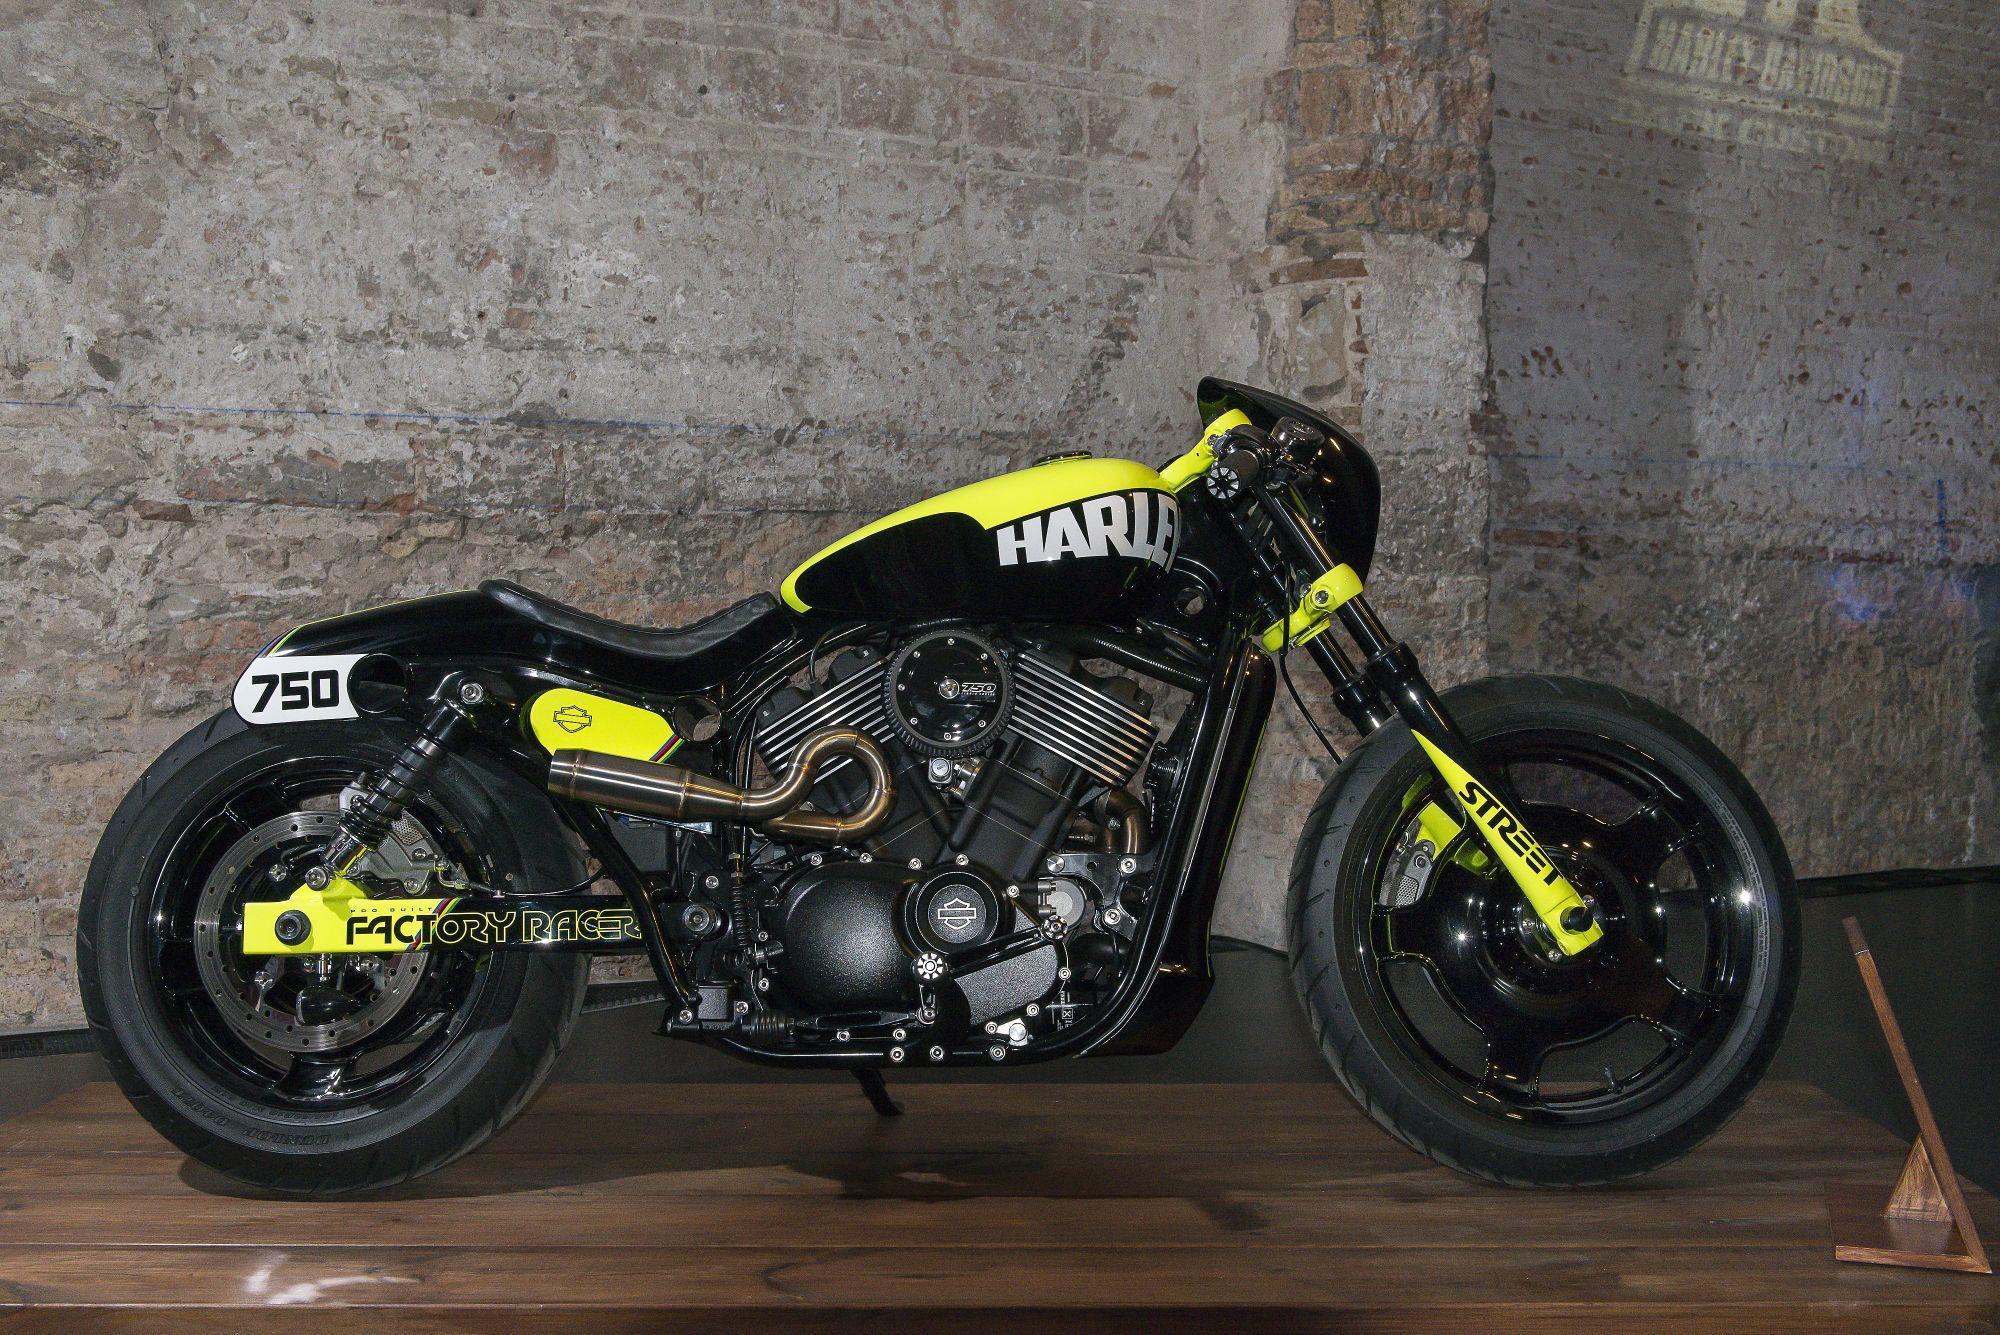 harley davidson modelle 2016 test motorrad fotos motorrad bilder